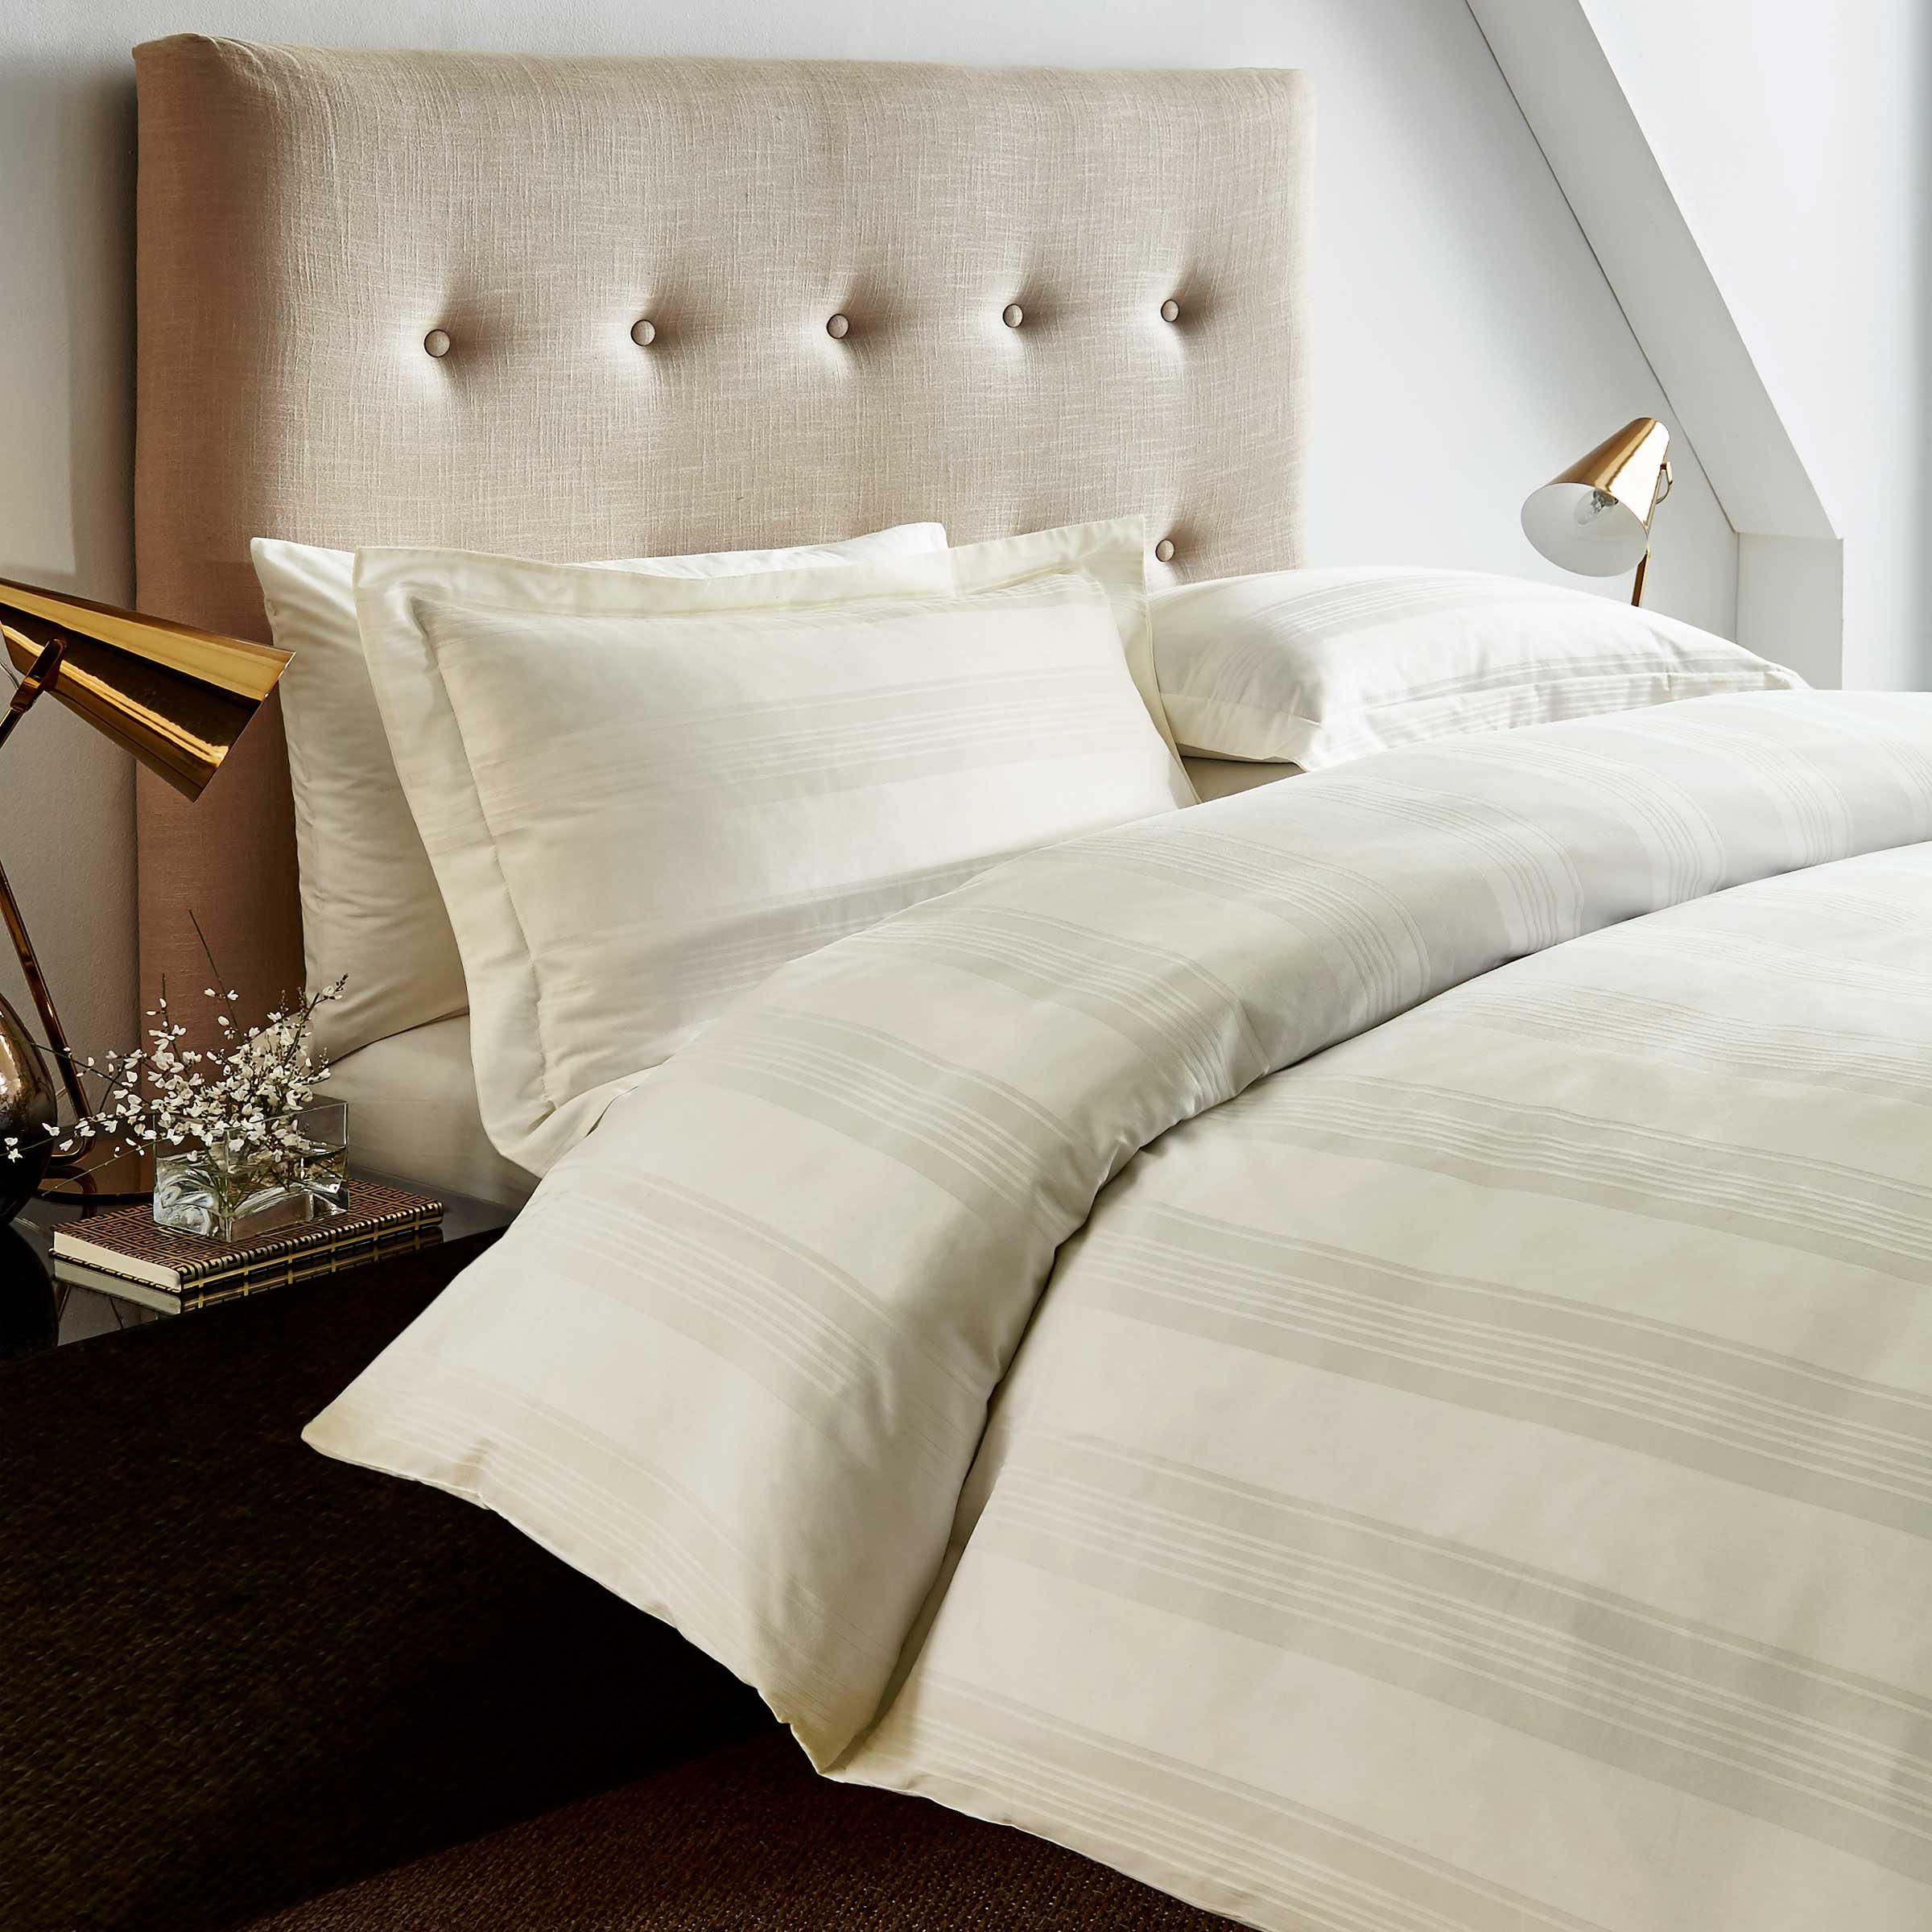 Hotel Bedding Empire Kingsize Duvet Cover Ivory